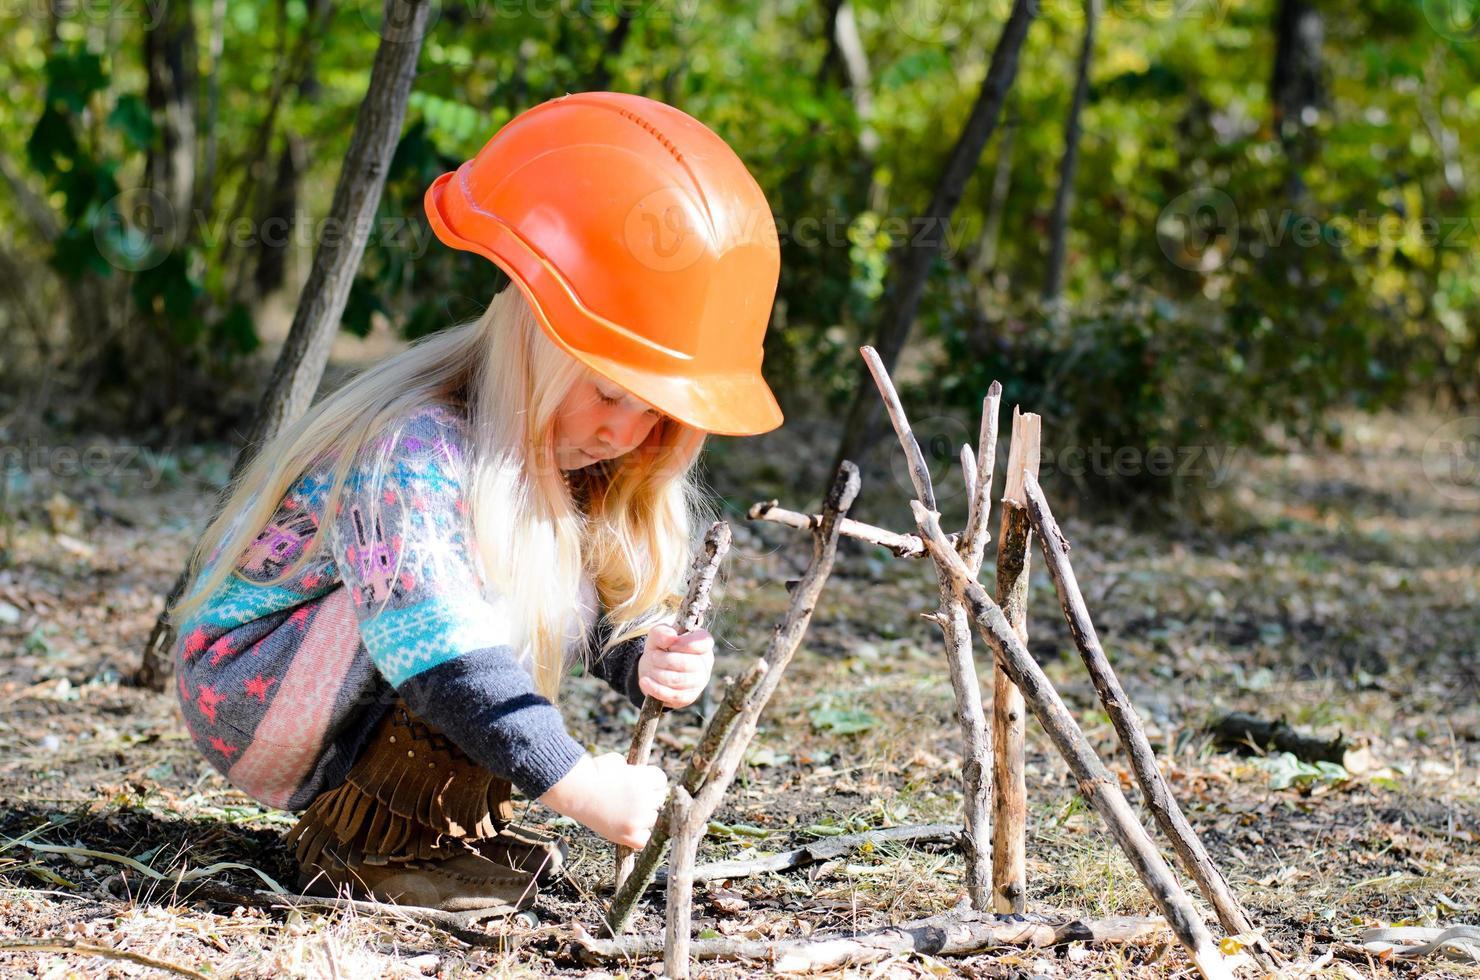 Chica con casco ensamblando palos en el suelo foto